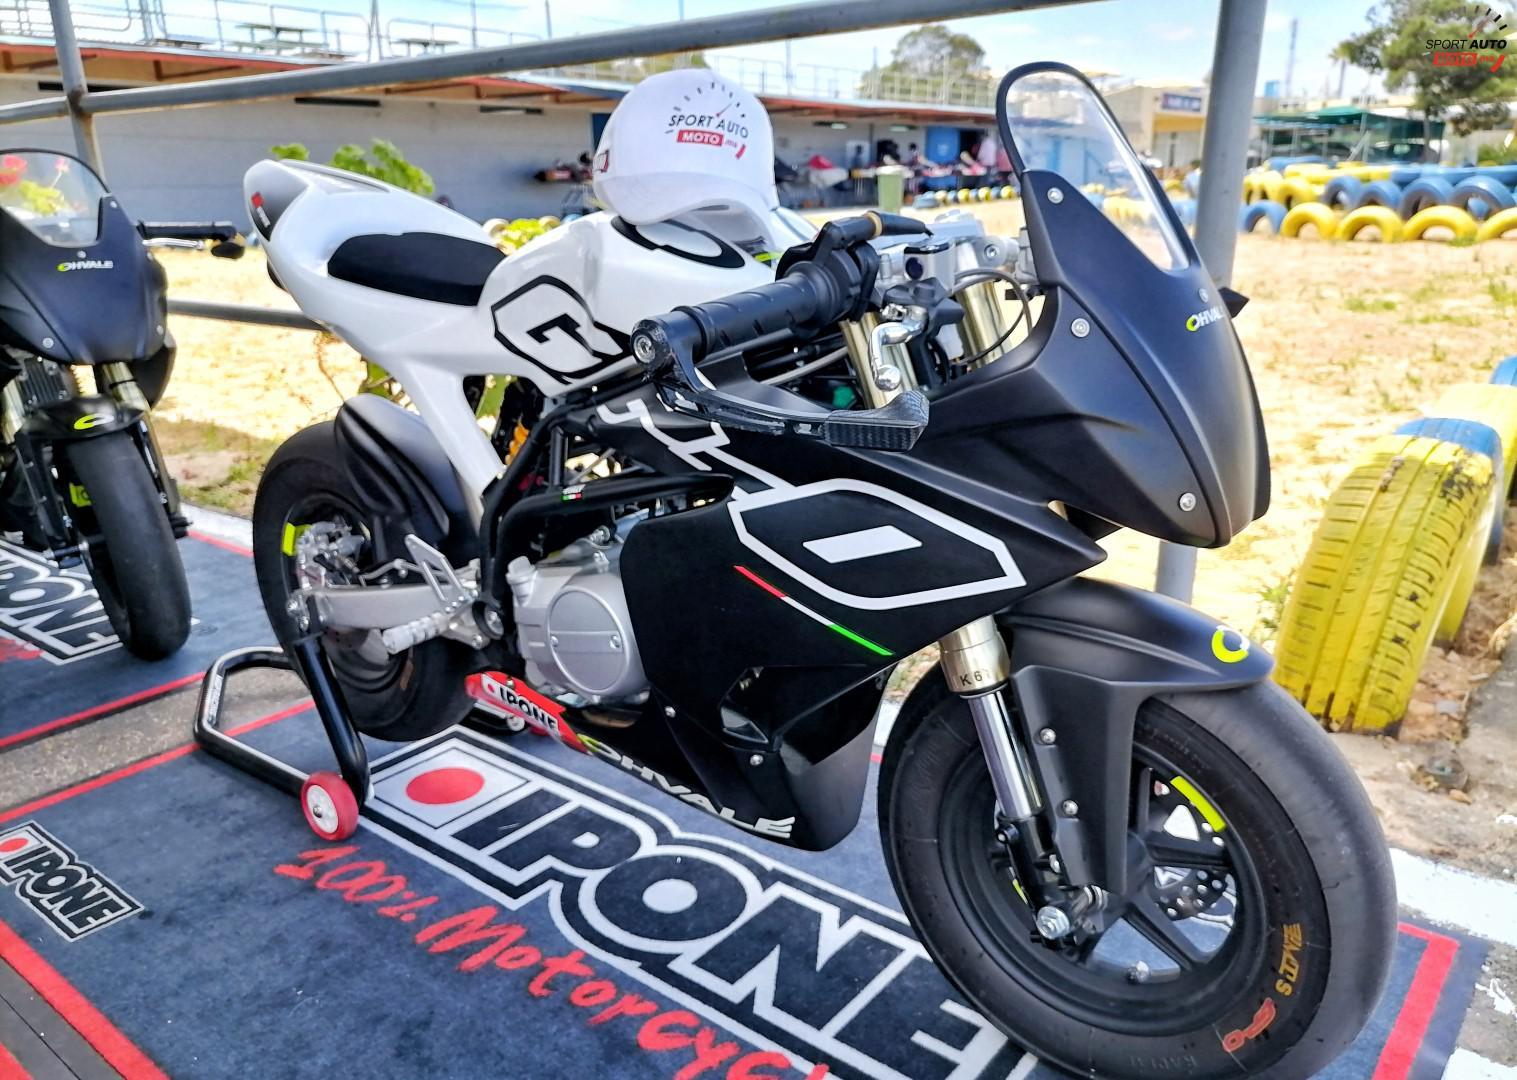 la-marque-de-moto-de-competition-ohvale-officiellement-au-maroc-1316-9.jpg